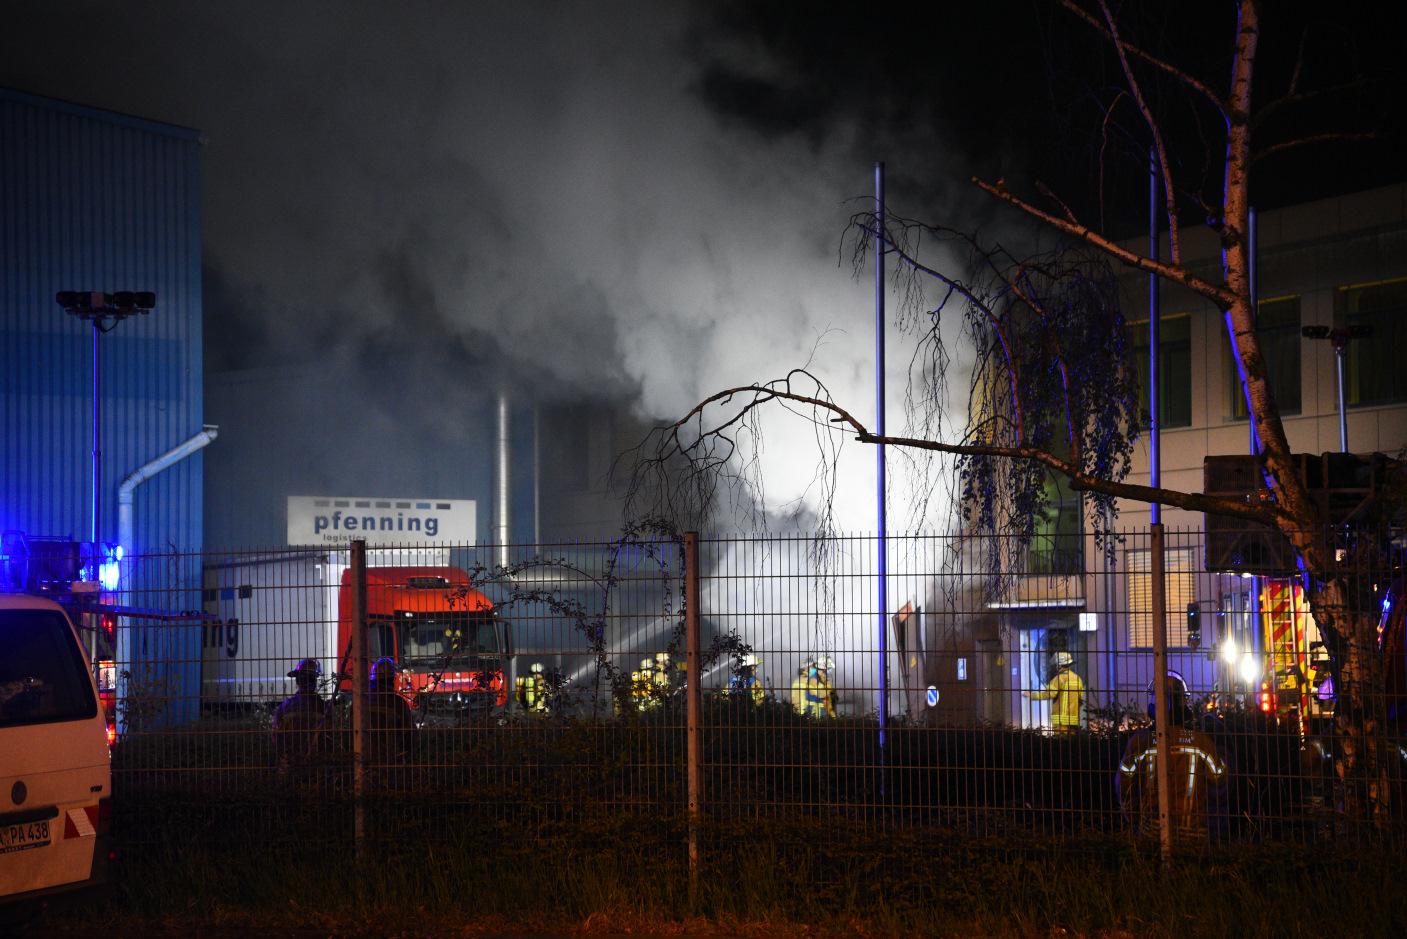 Mannheim: Trafostation geht in Flammen auf - Hoher Sachschaden